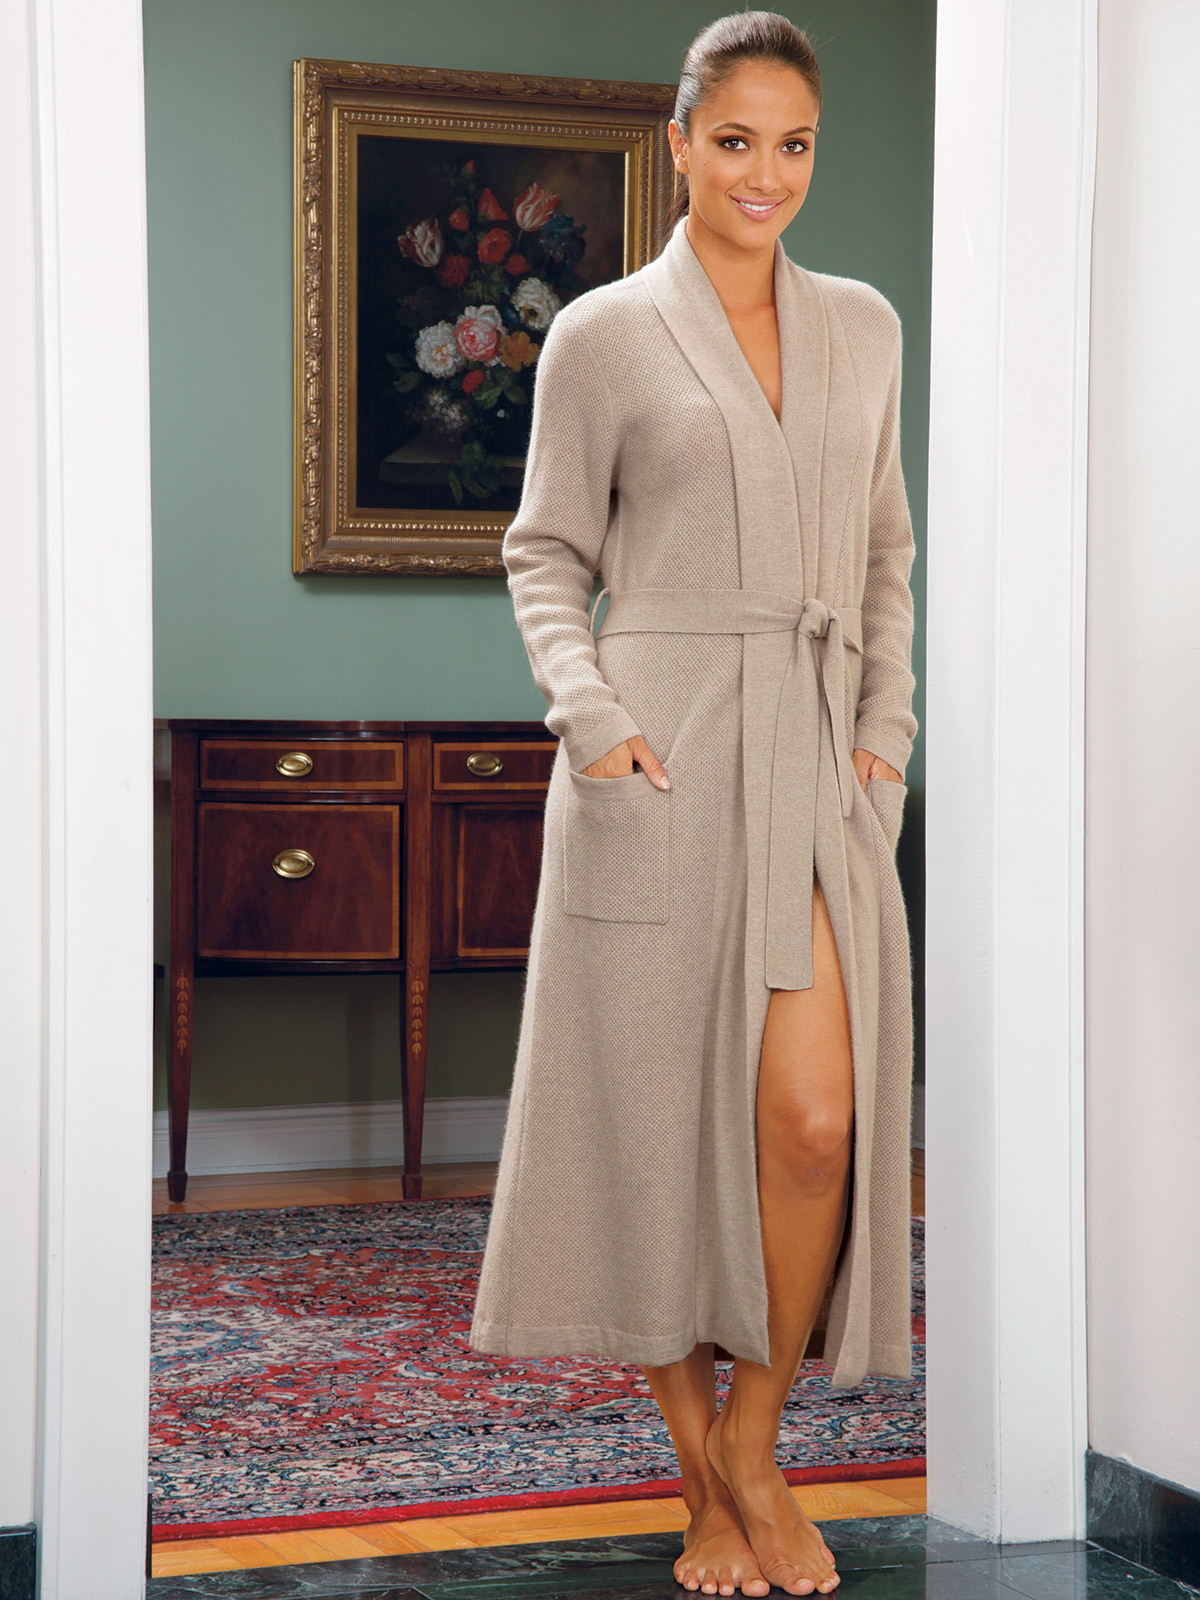 Caress  Luxury Nightwear  Schweitzer Linen